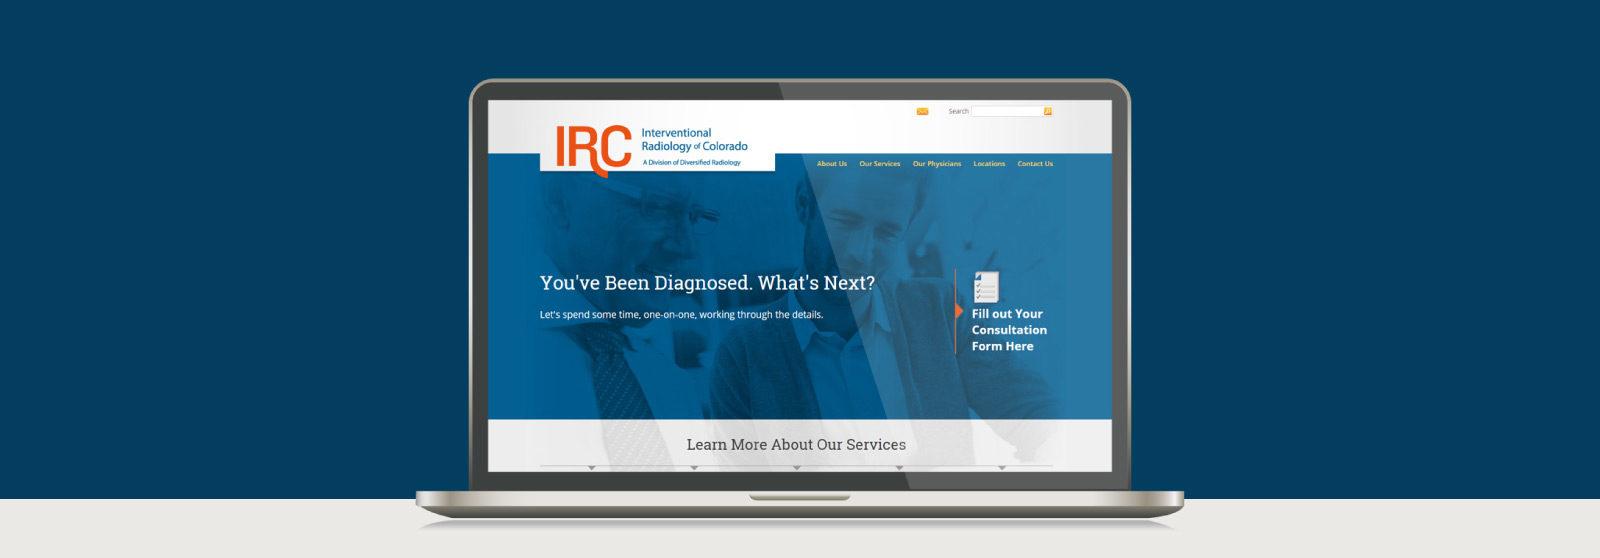 Irc Website